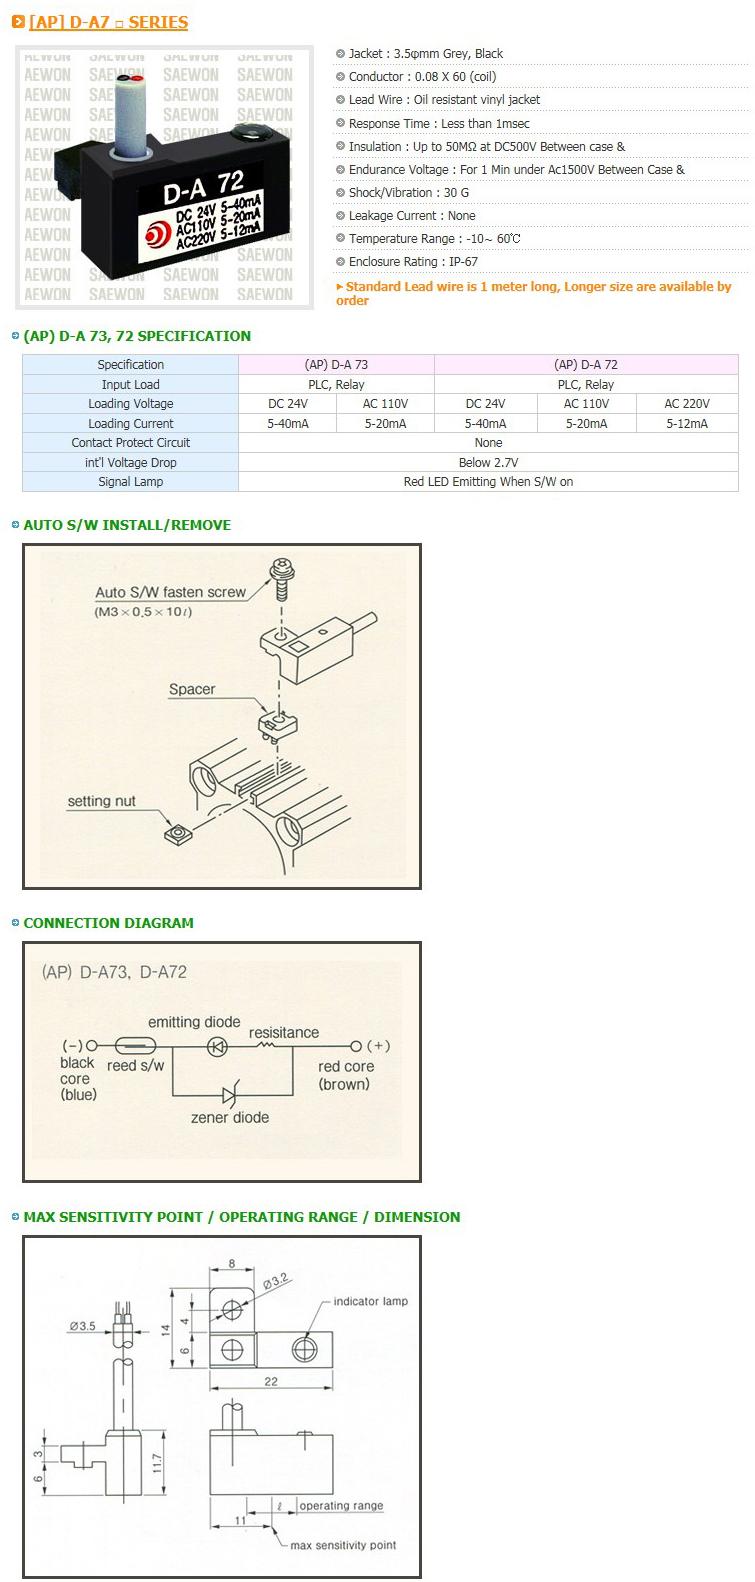 Saewon Electronics DSC AP D-A7 Series